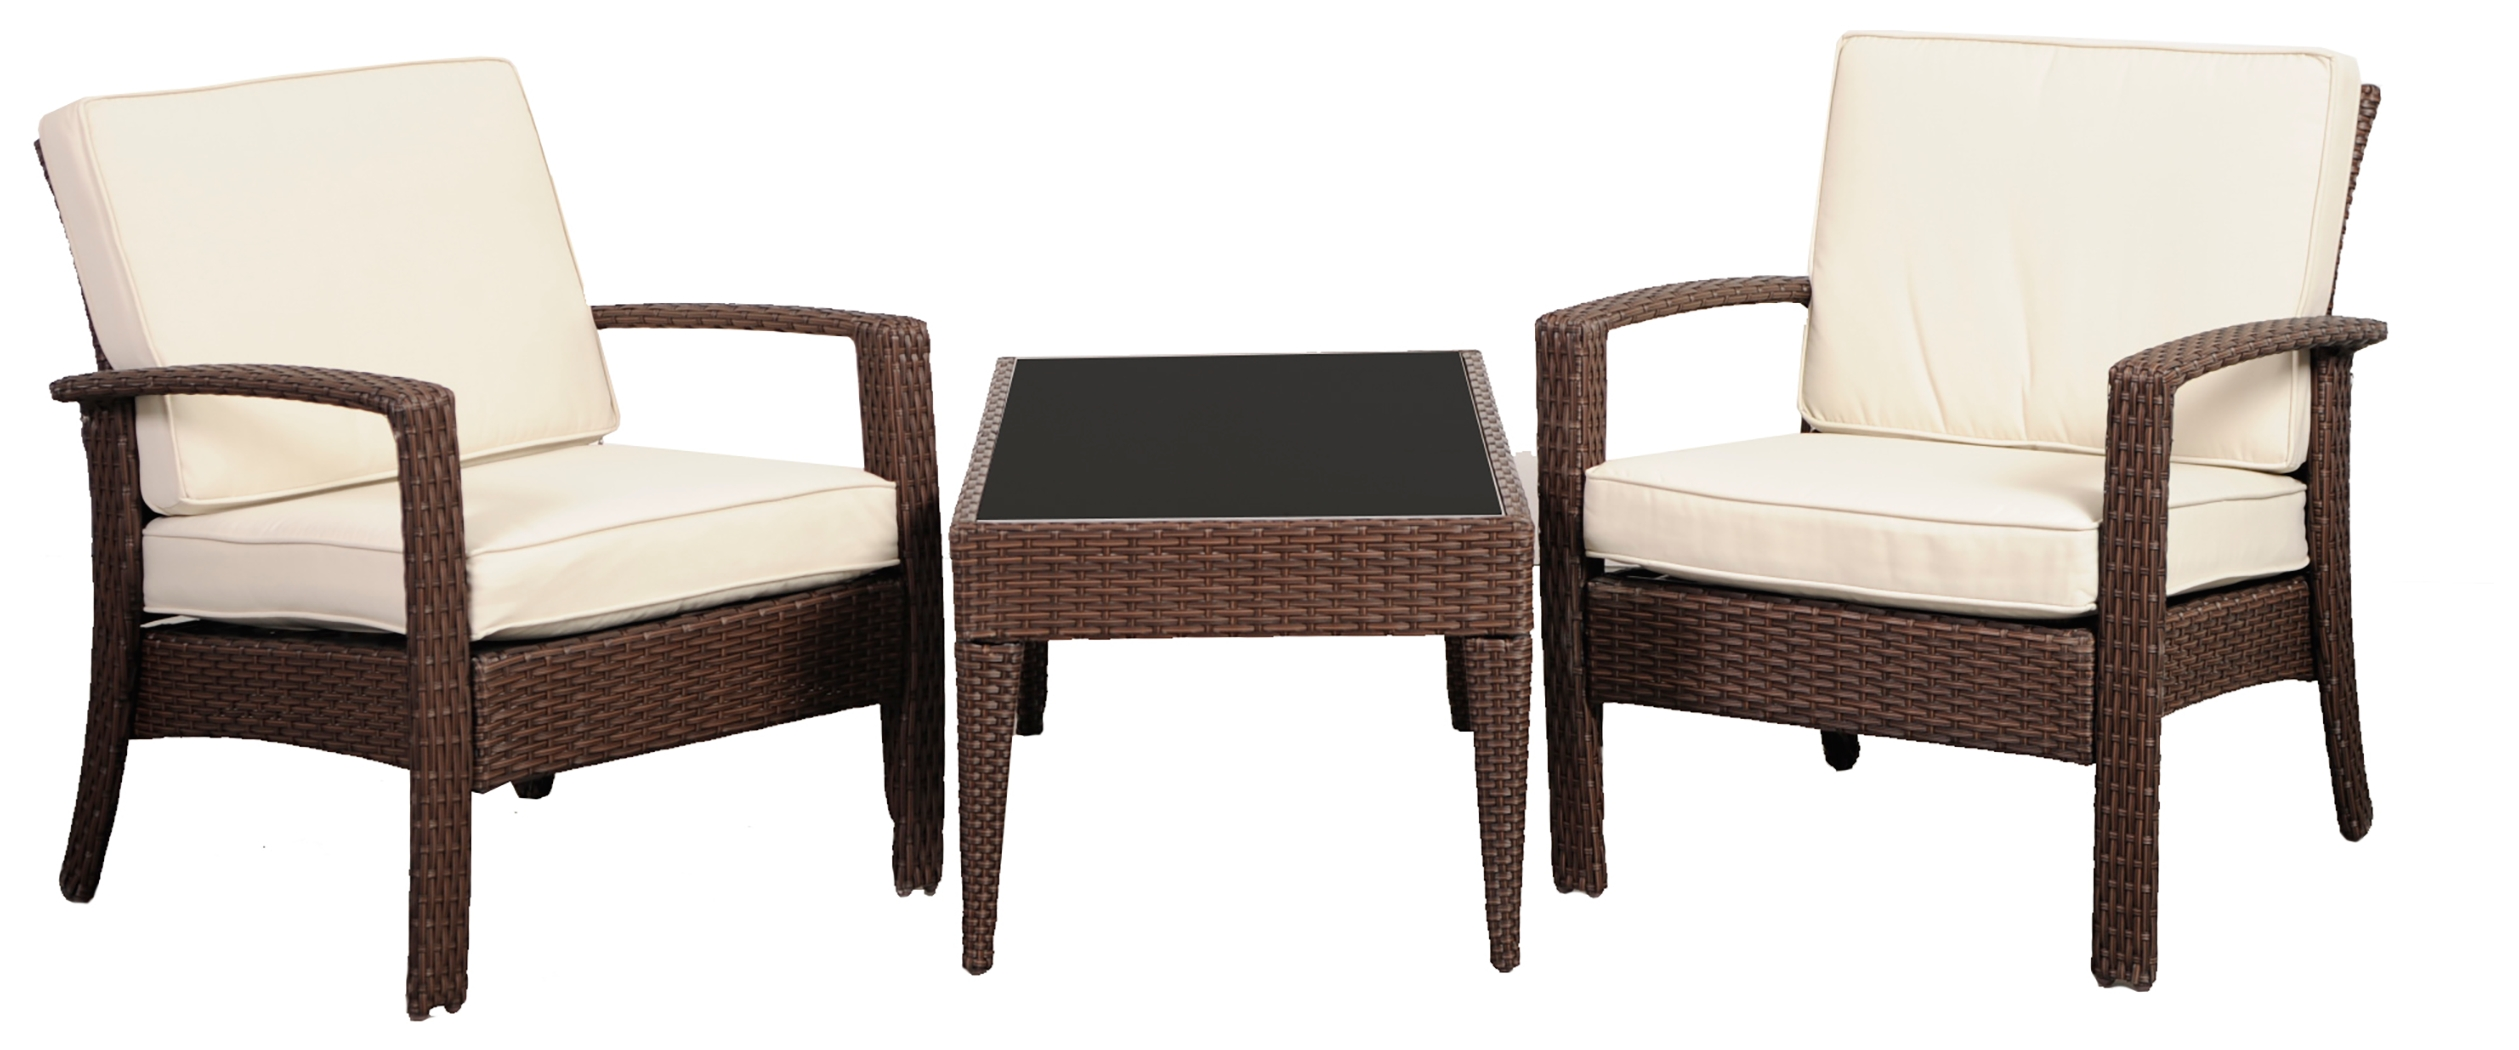 Wicker Wicker 3 Piece Conversation Set Brown White Furniture Home